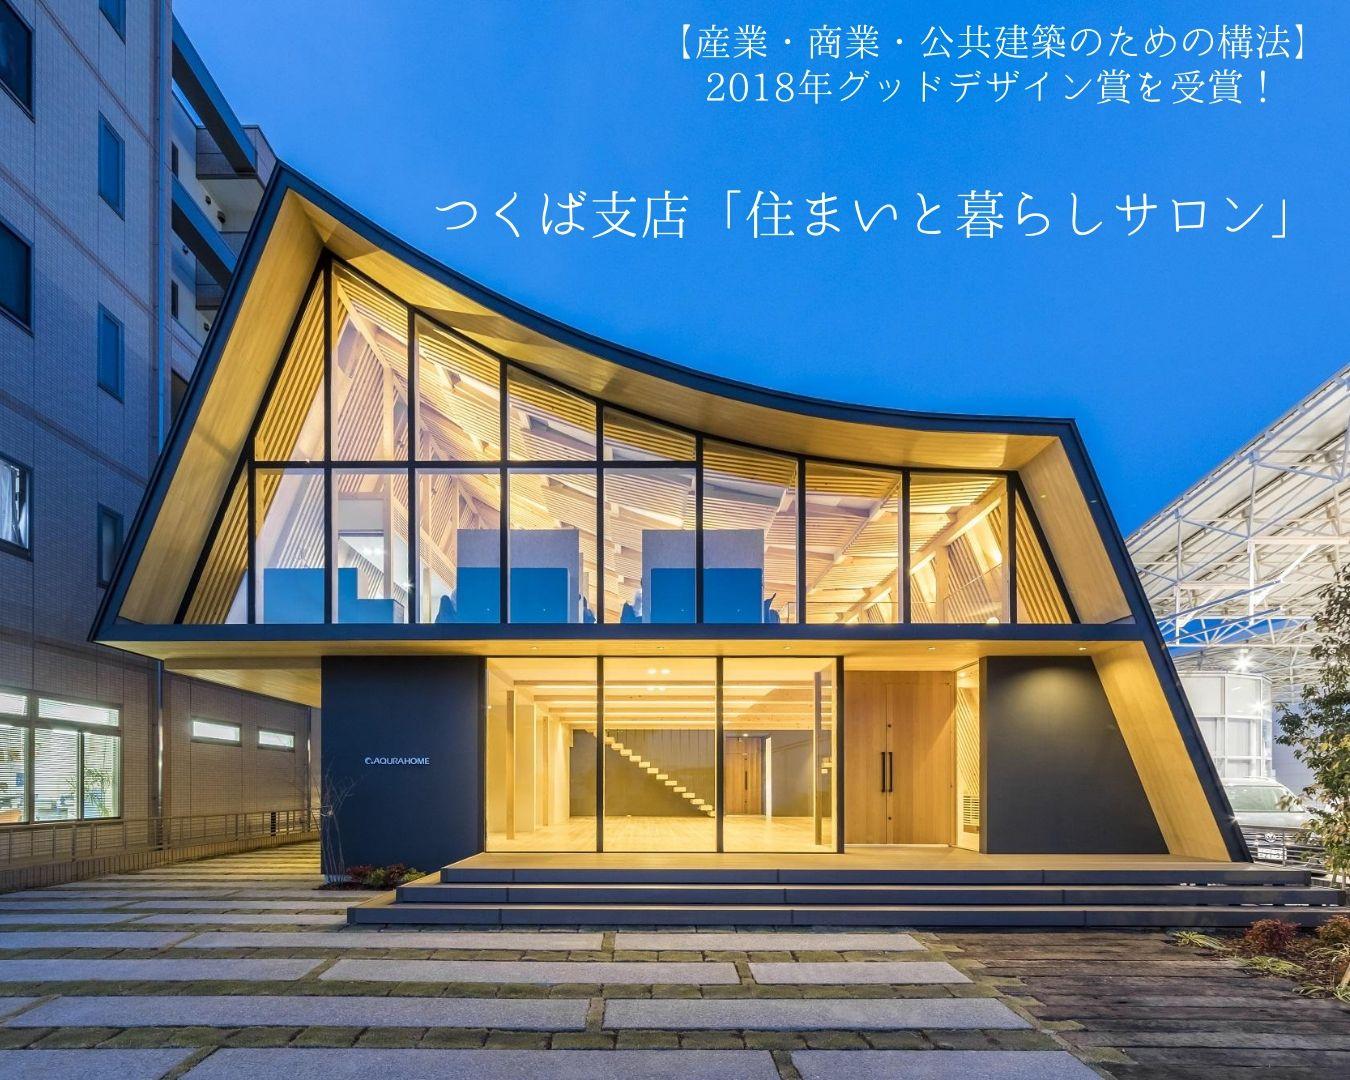 \グッドデザイン賞を受賞!/アキュラホームの家づくりへのこだわり